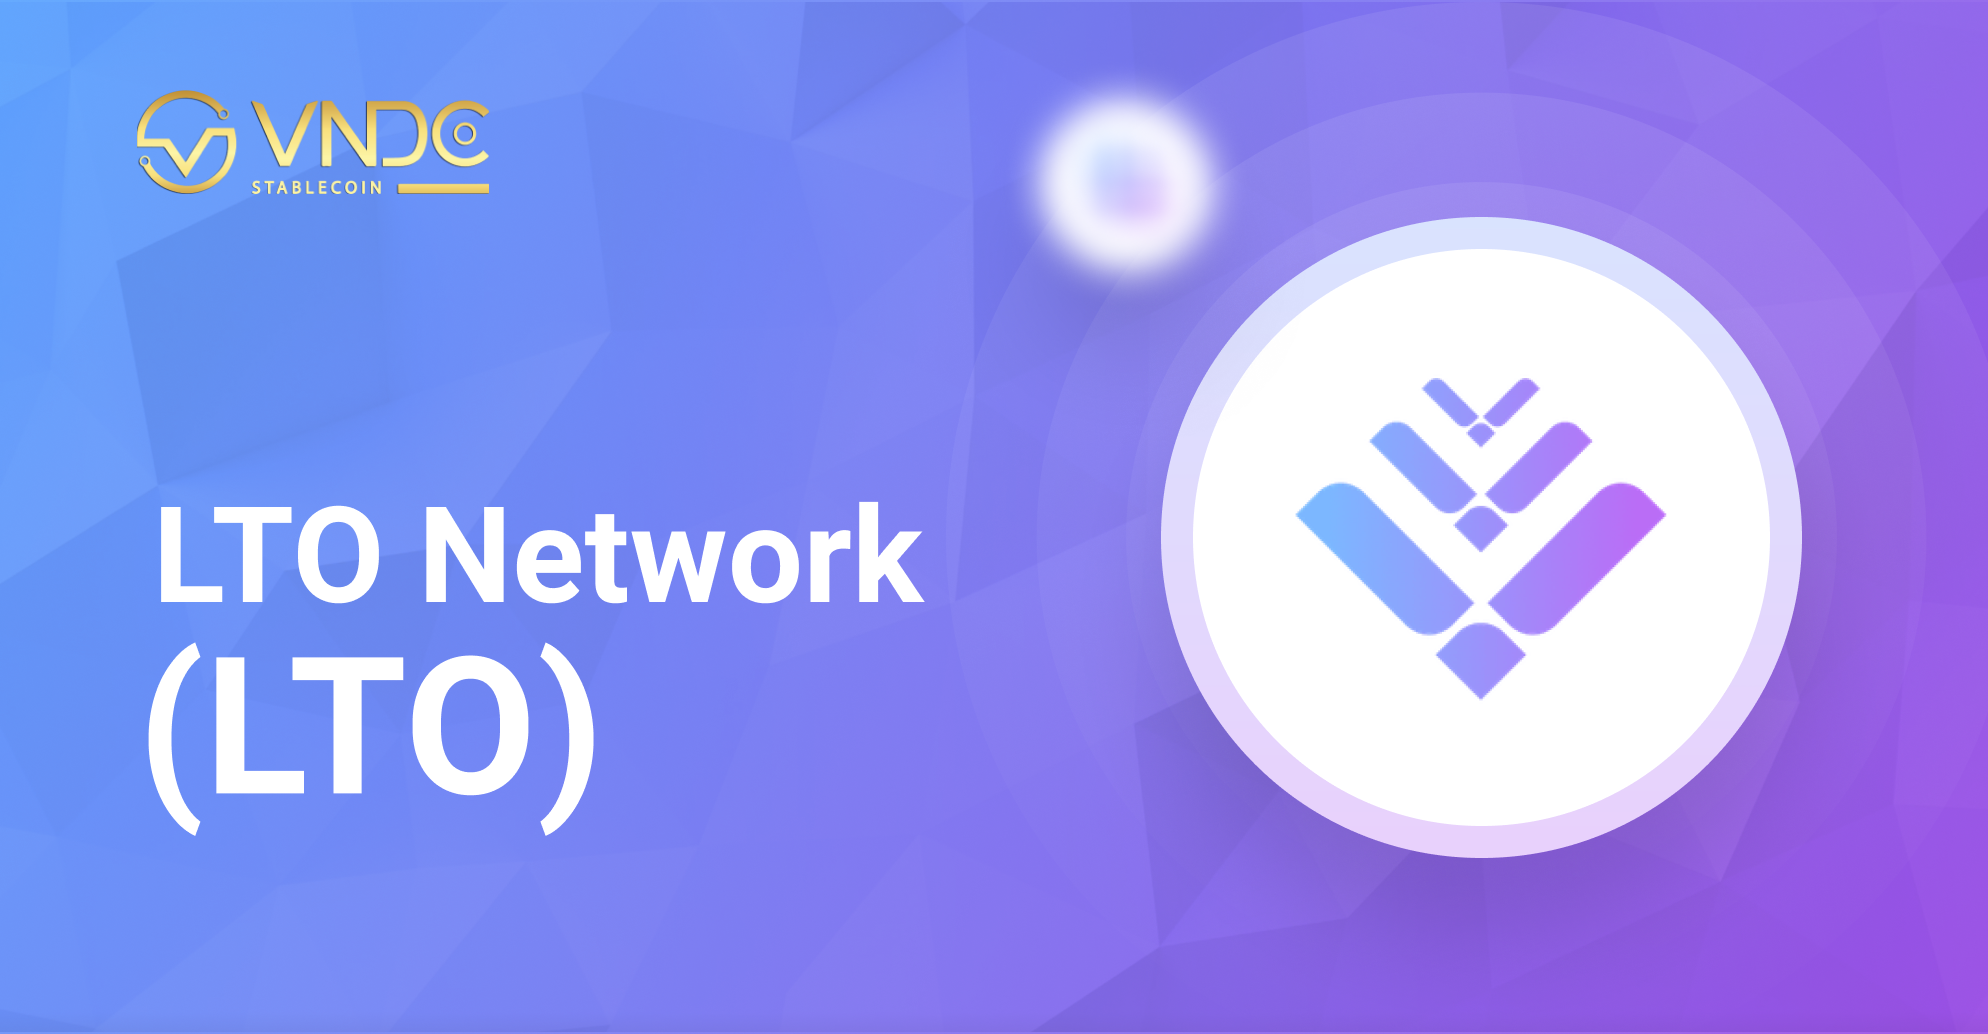 Niêm yết LTO Network (LTO) trên VNDC Wallet hôm nay 01/06